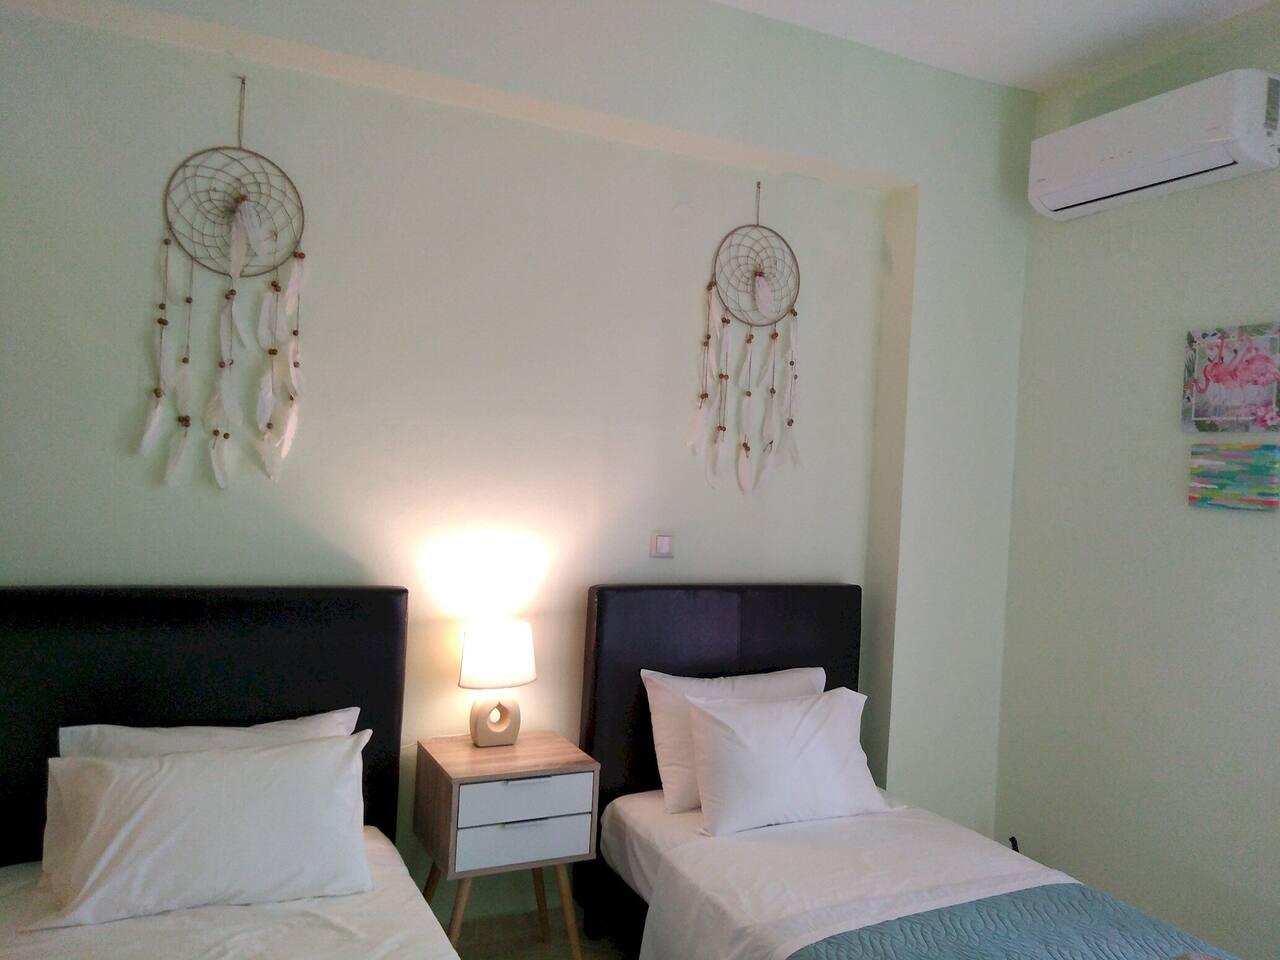 Villa with Three bedroom